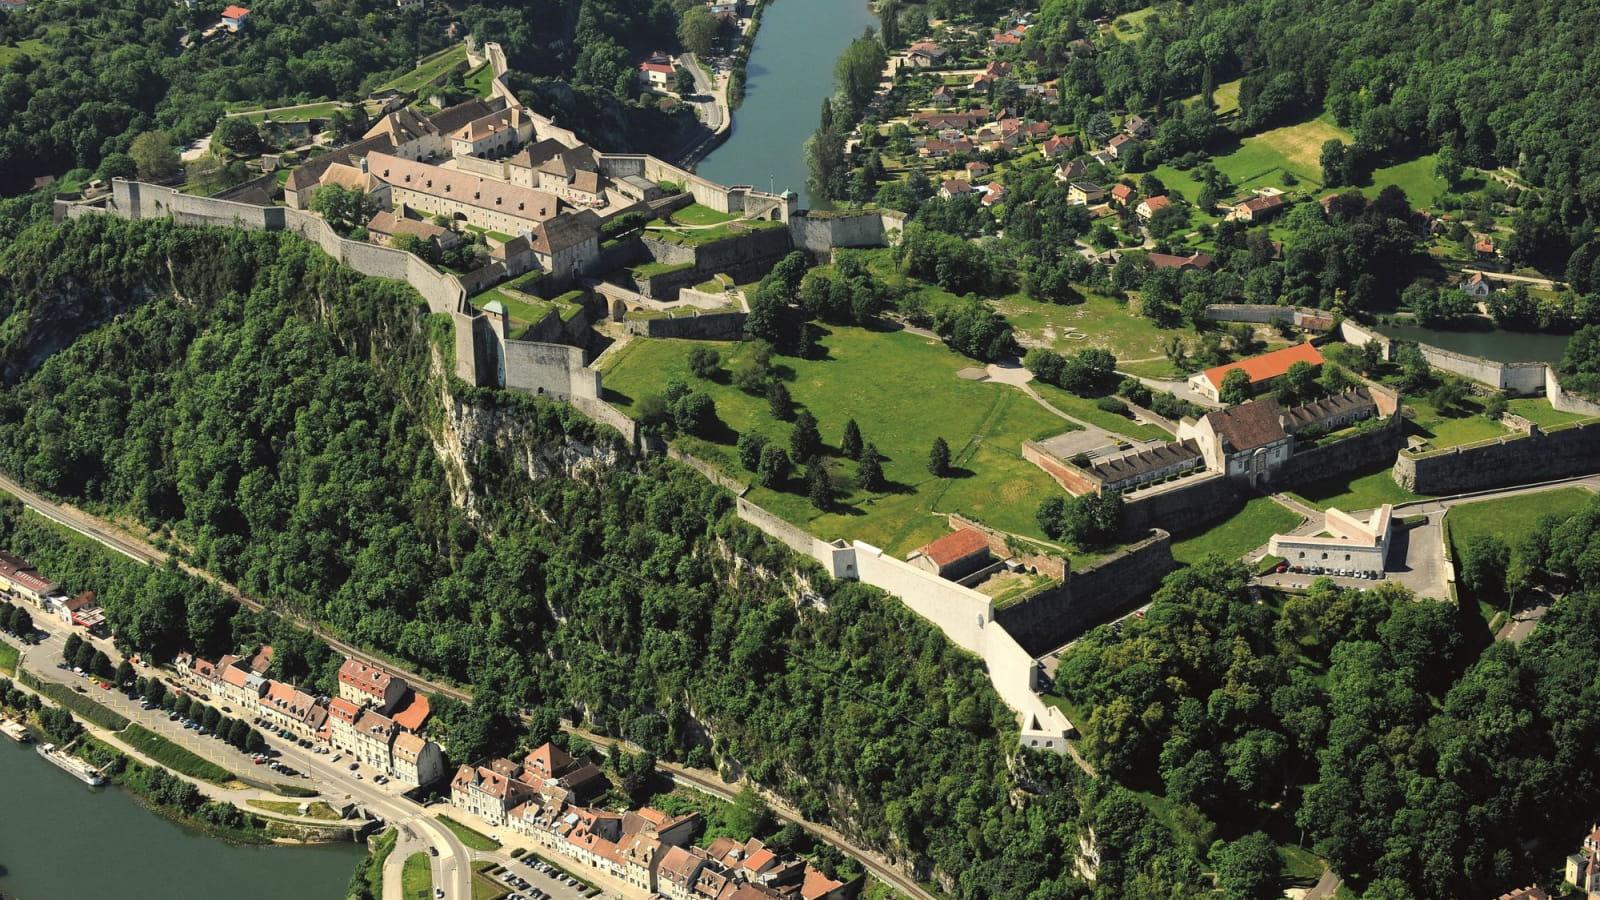 Vue aérienne sur les remparts de la Citadelle Vauban